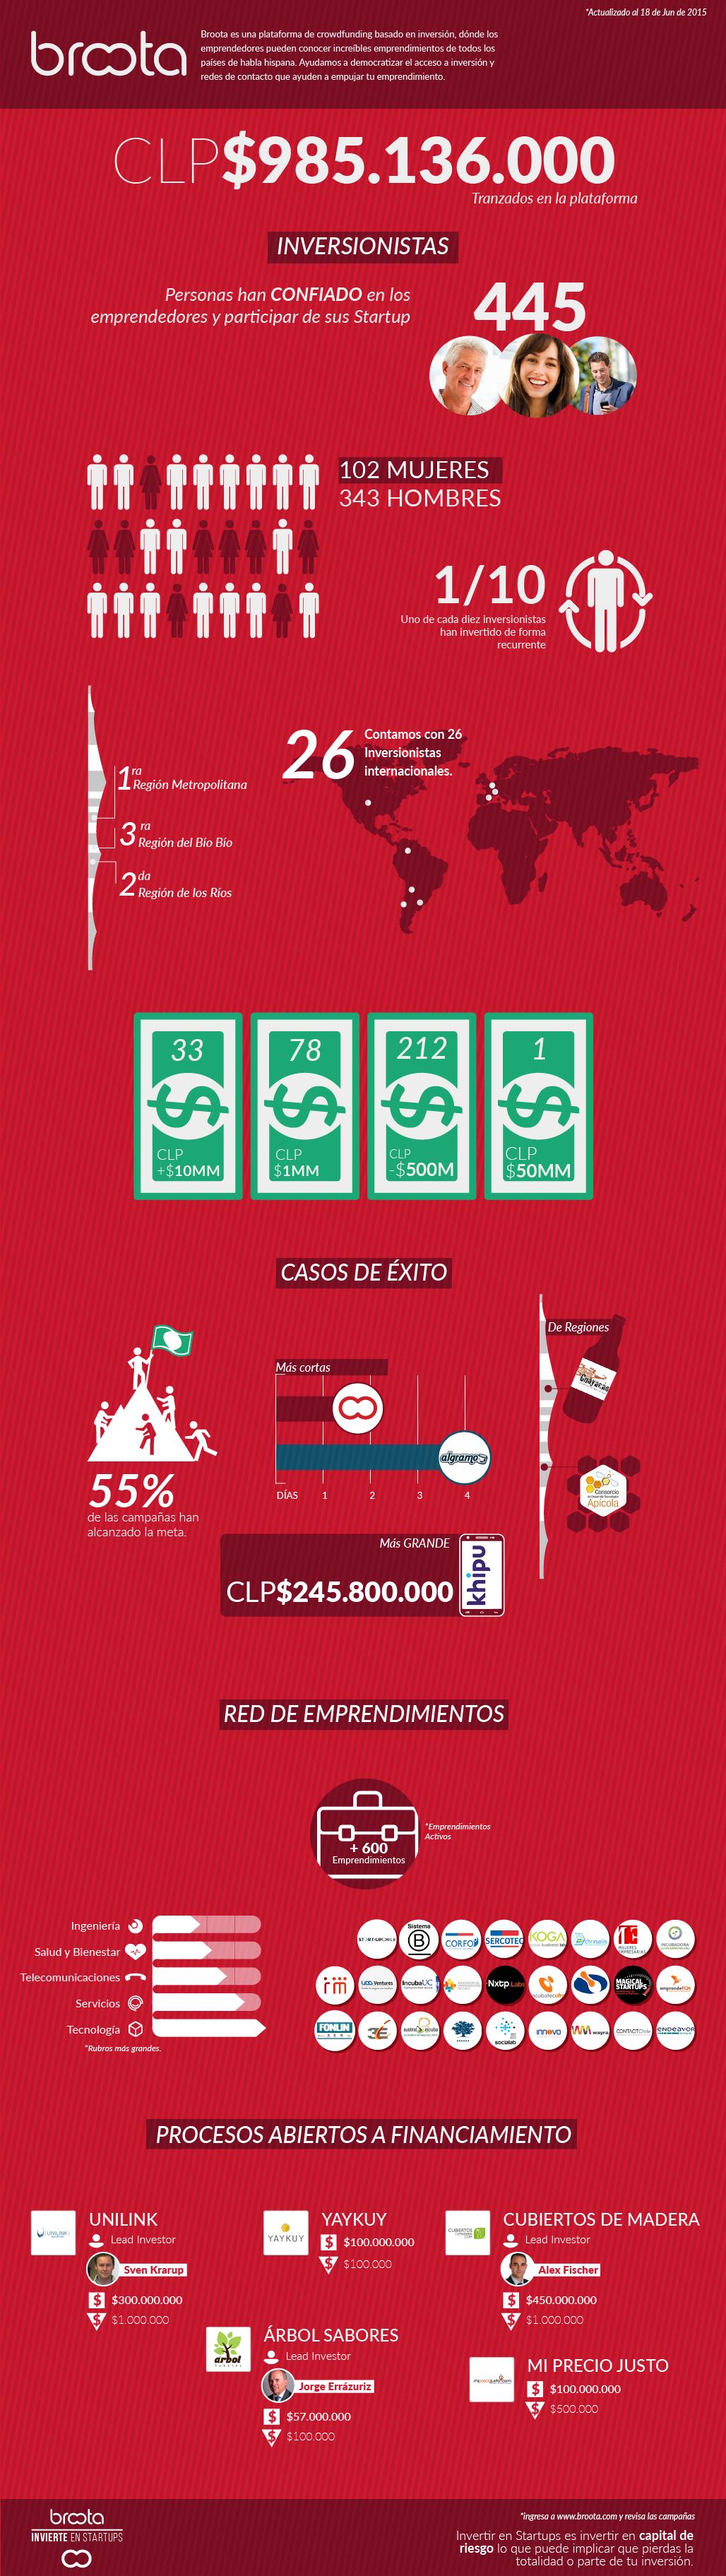 Infografia Broota.com